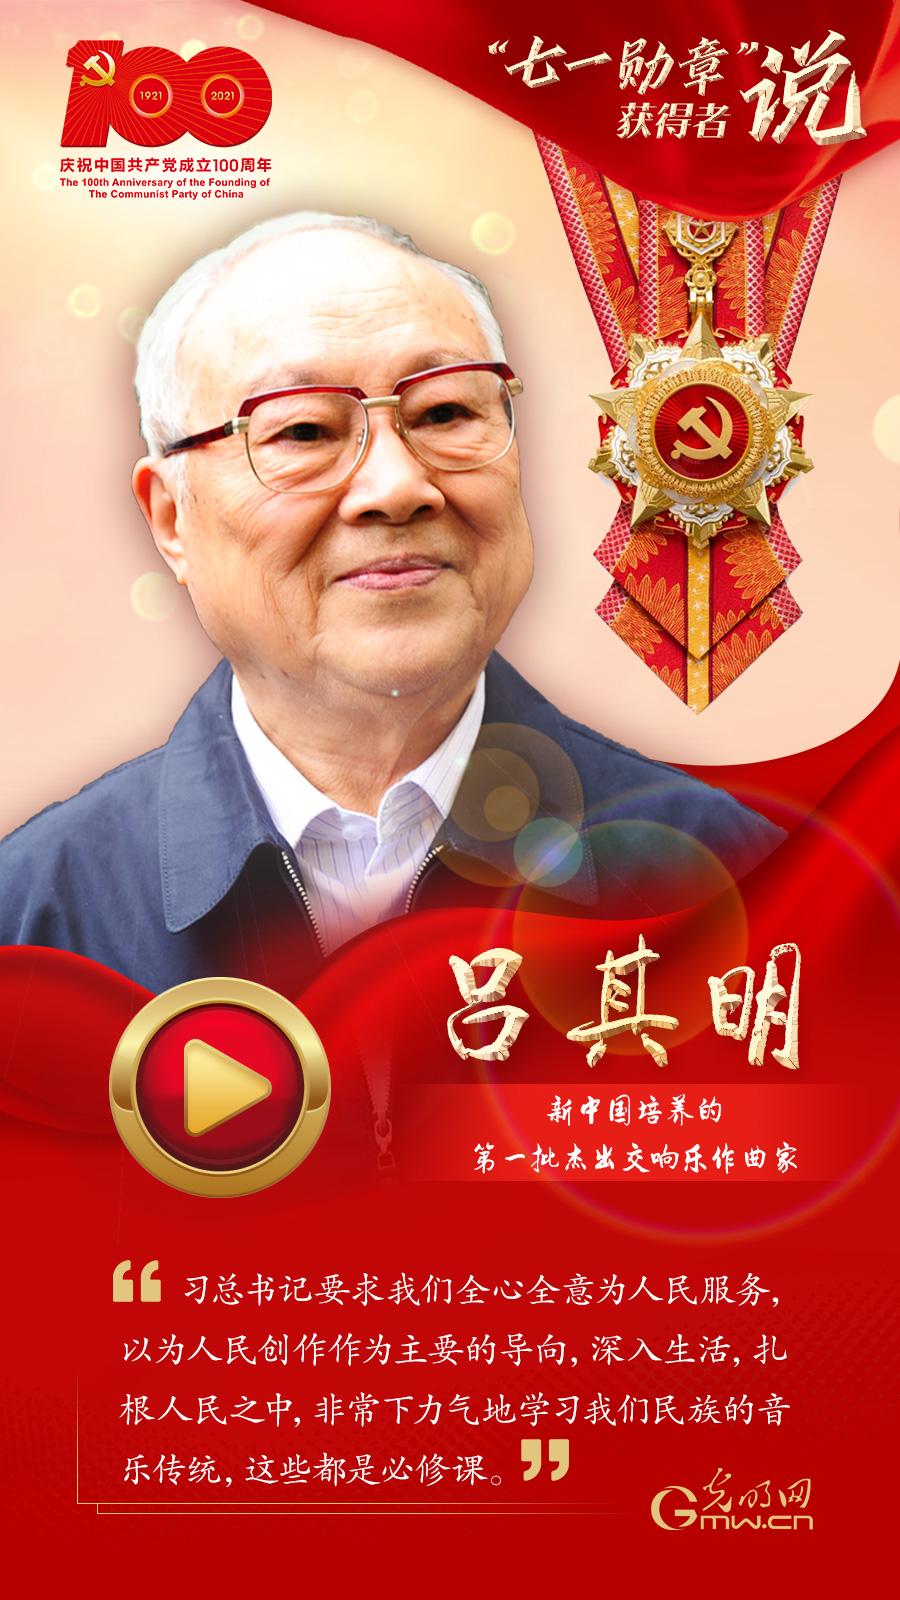 """【""""七一勋章""""获得者说】吕其明:能为祖国和人民写作是我的荣幸"""